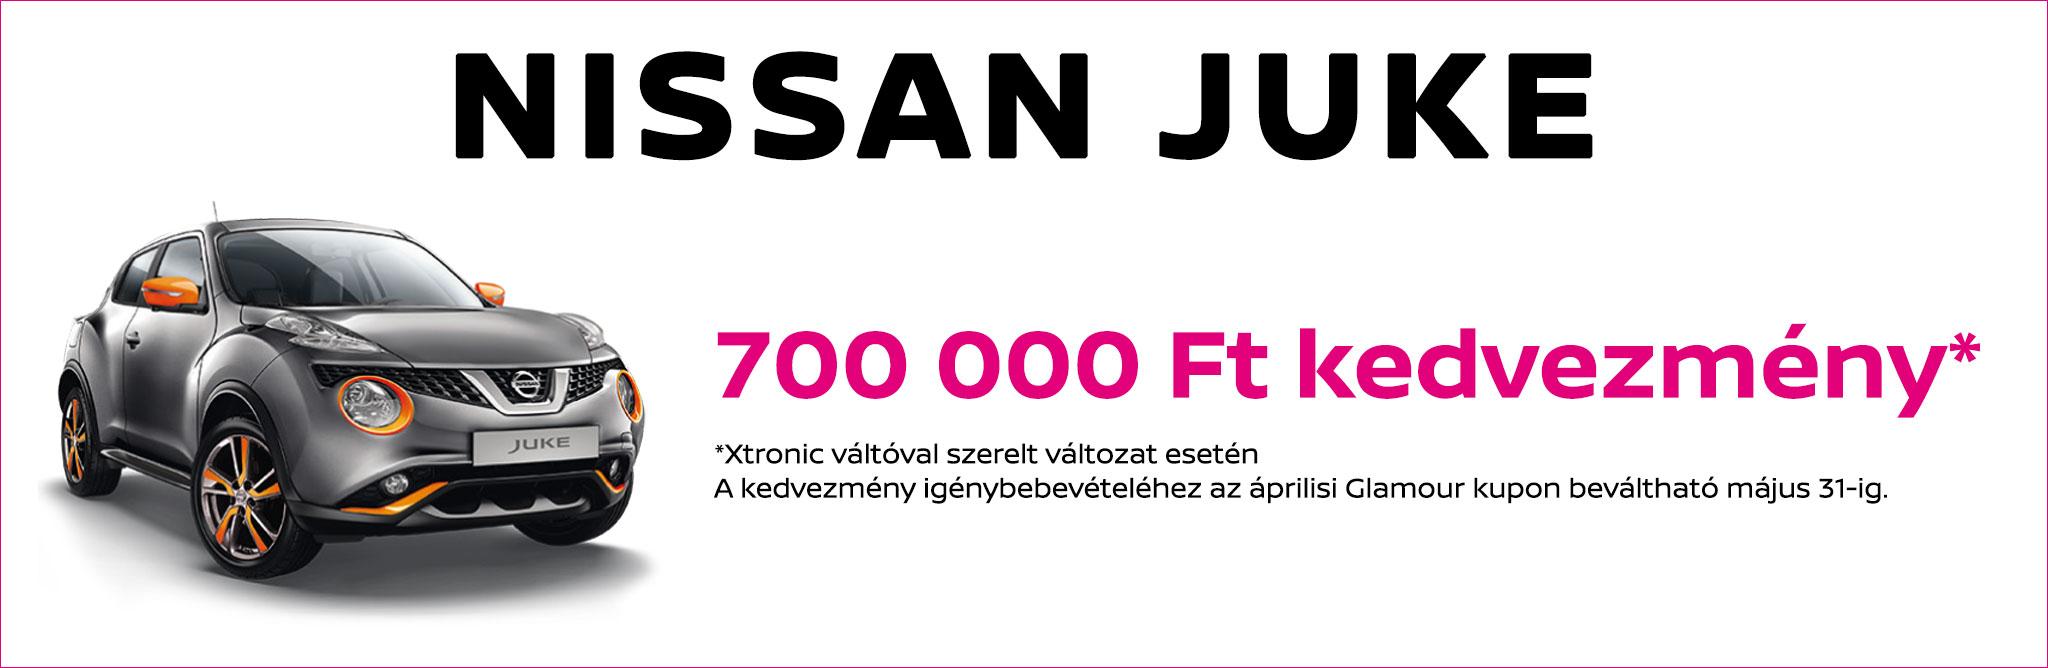 Nissan Juke Glamour kupon